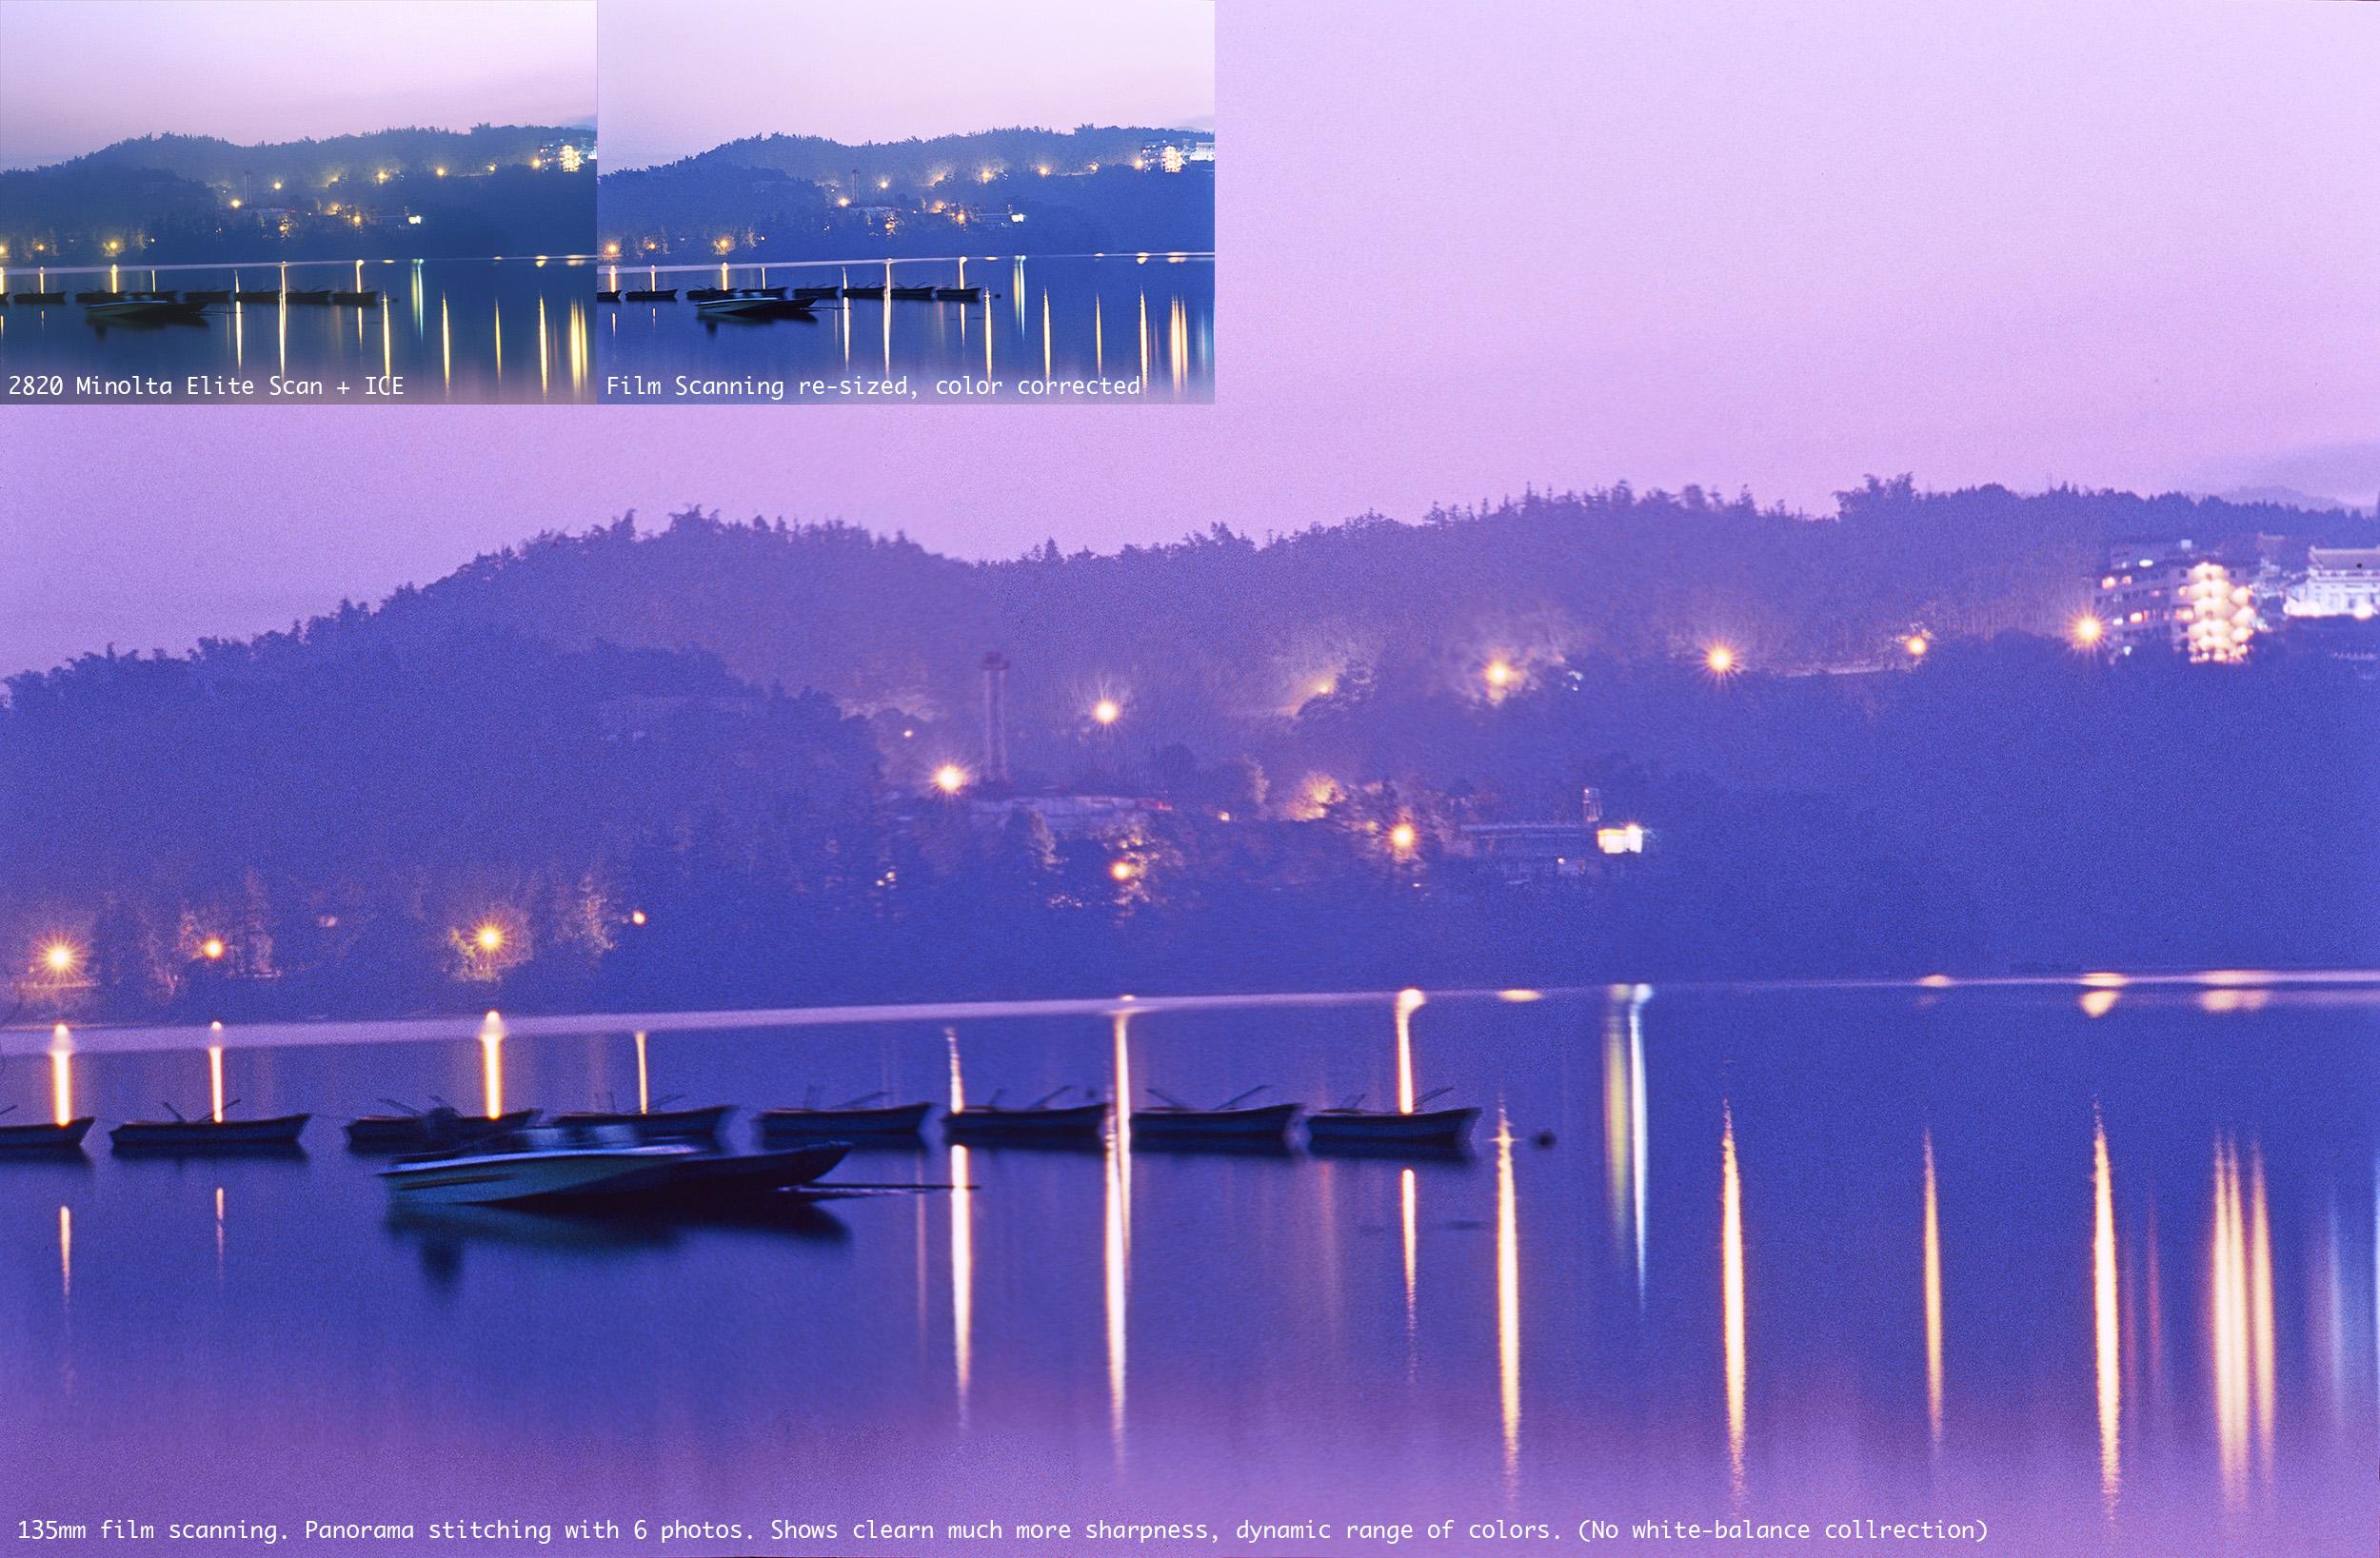 數位相機翻拍底片與平台掃描器的差異性